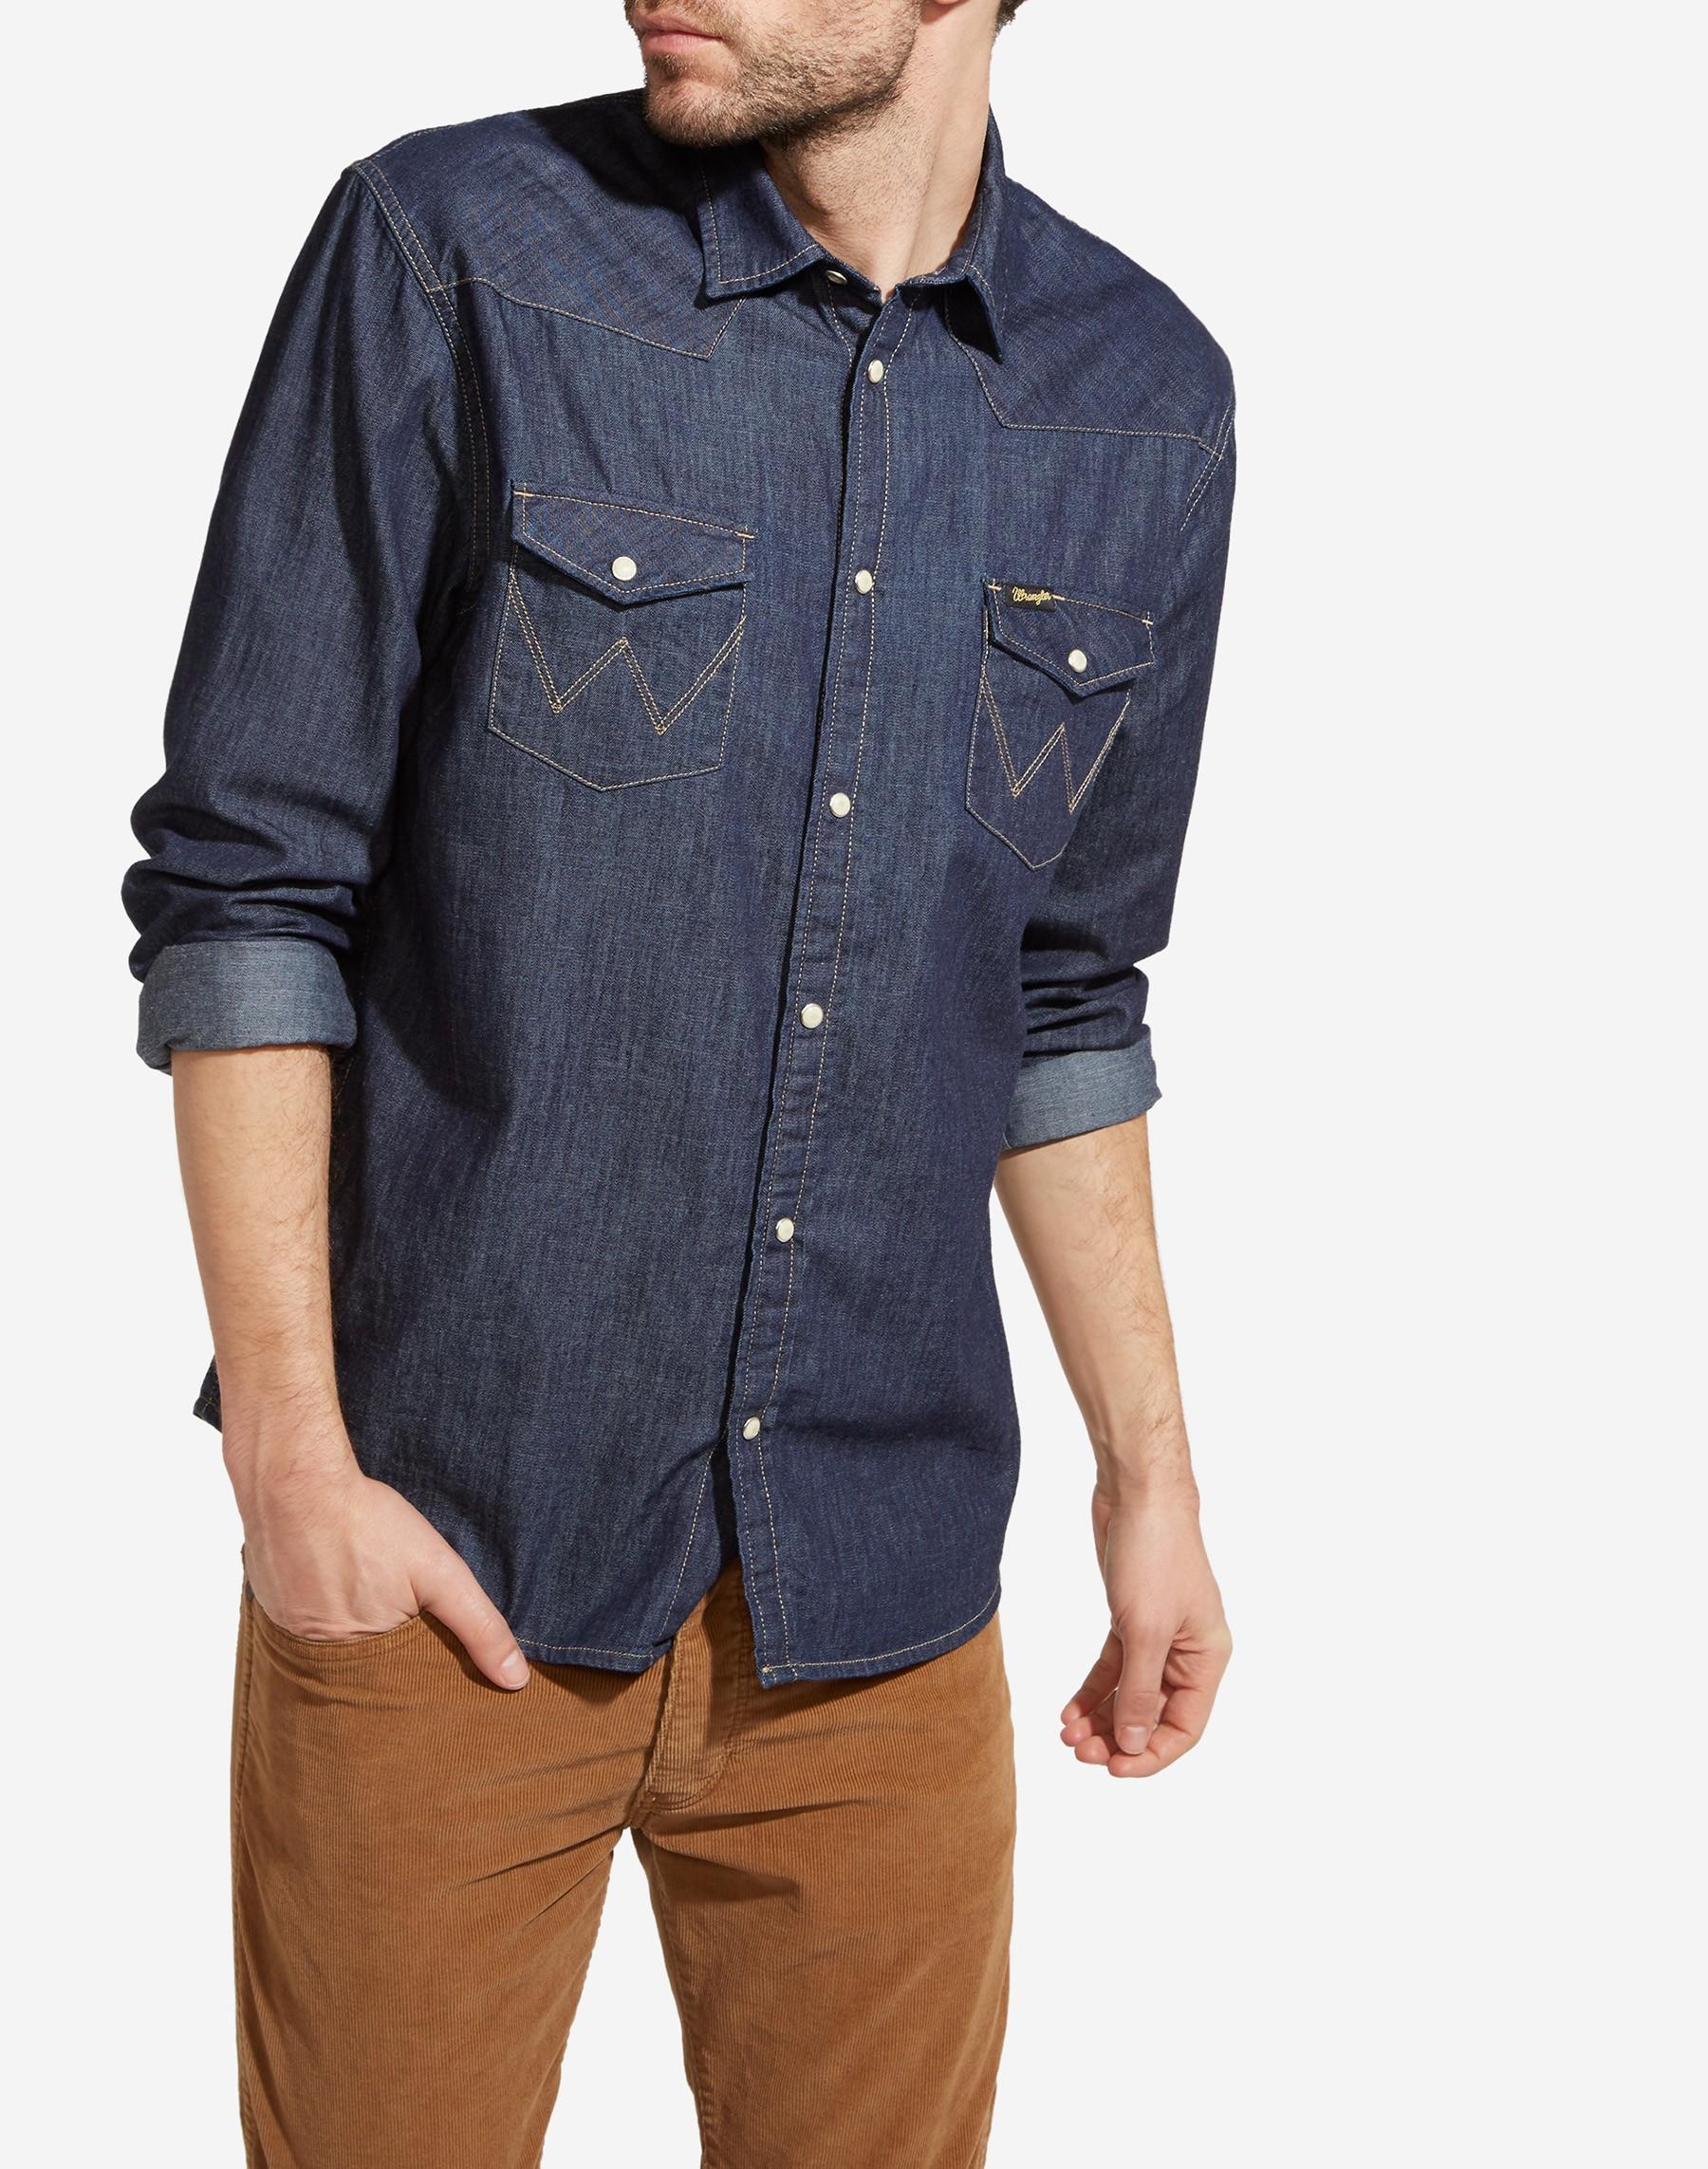 eb7a57d18e0 Mens Wrangler Classic Denim Western Shirt - Long Sleeved